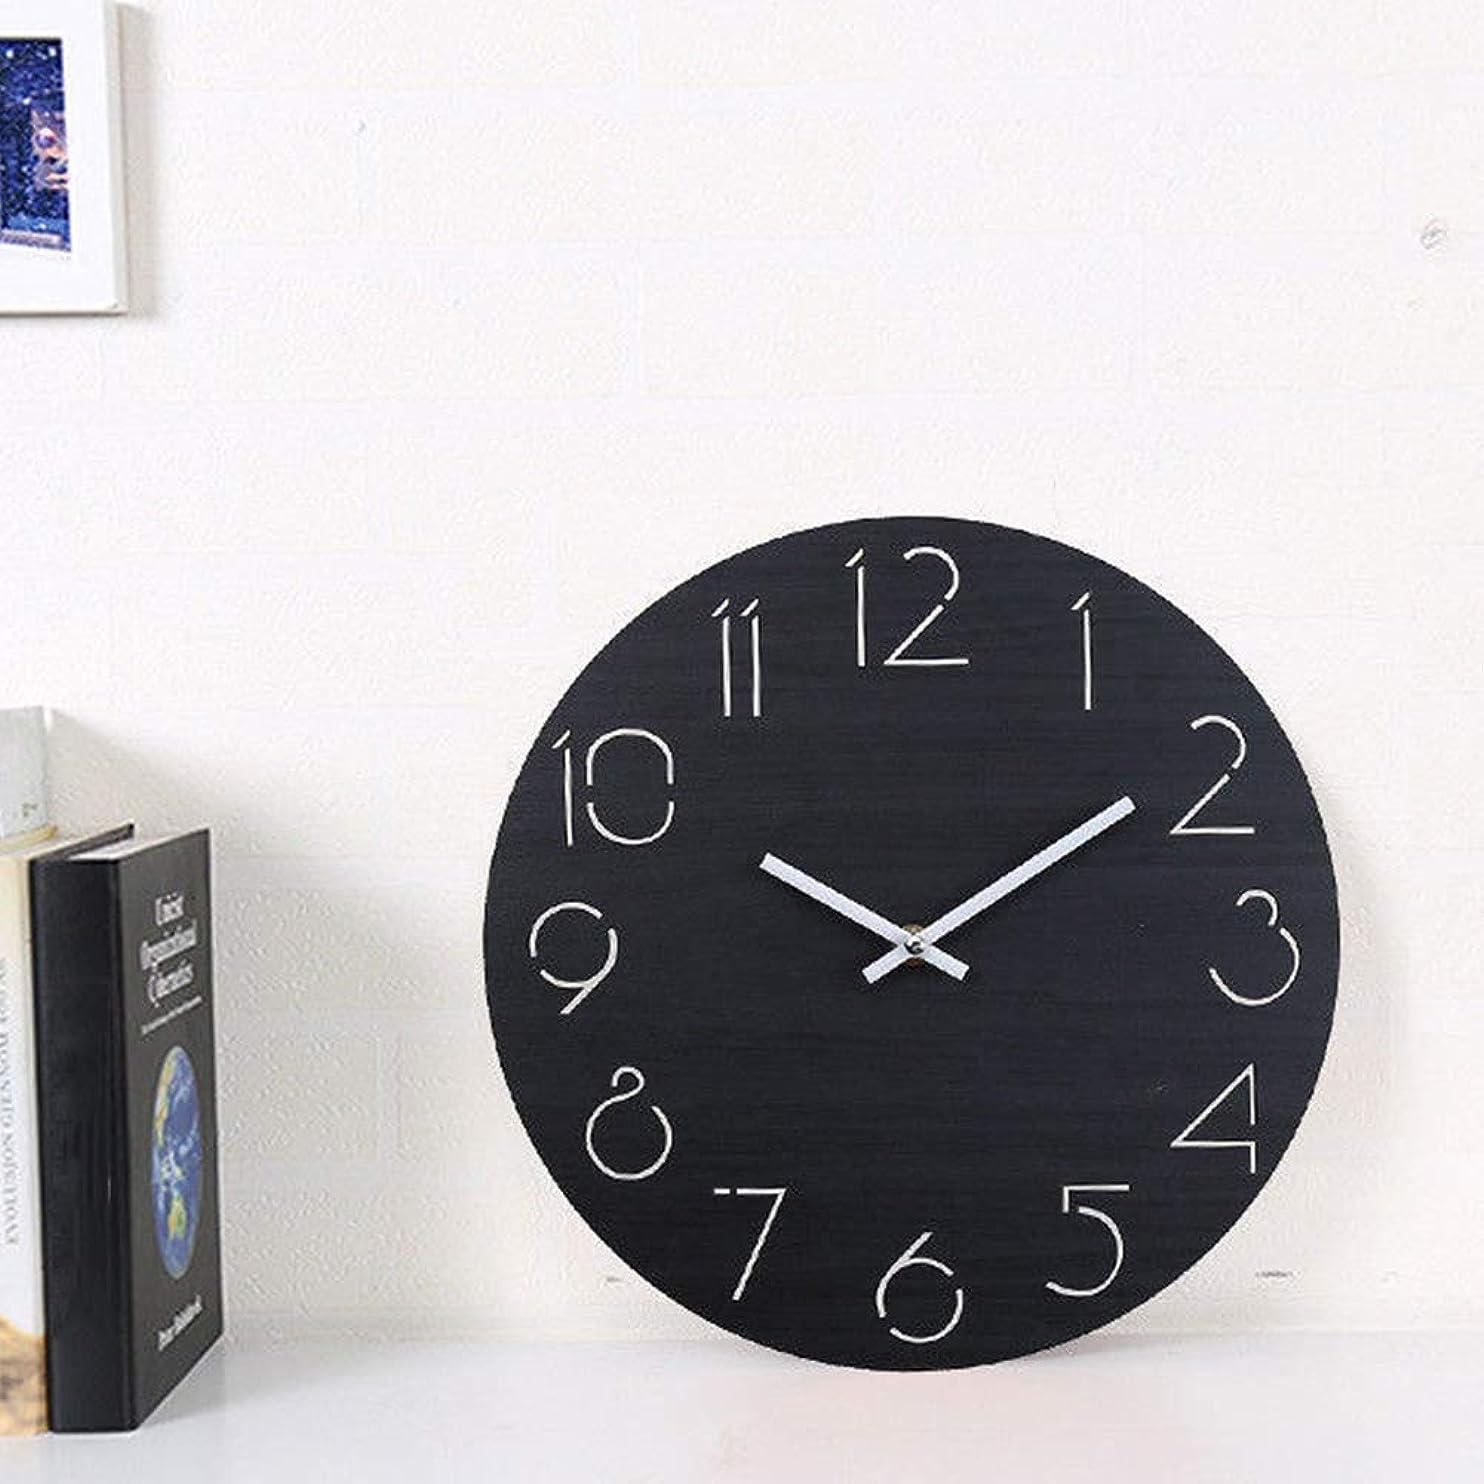 作物破壊的な巻き取り壁掛け時計12